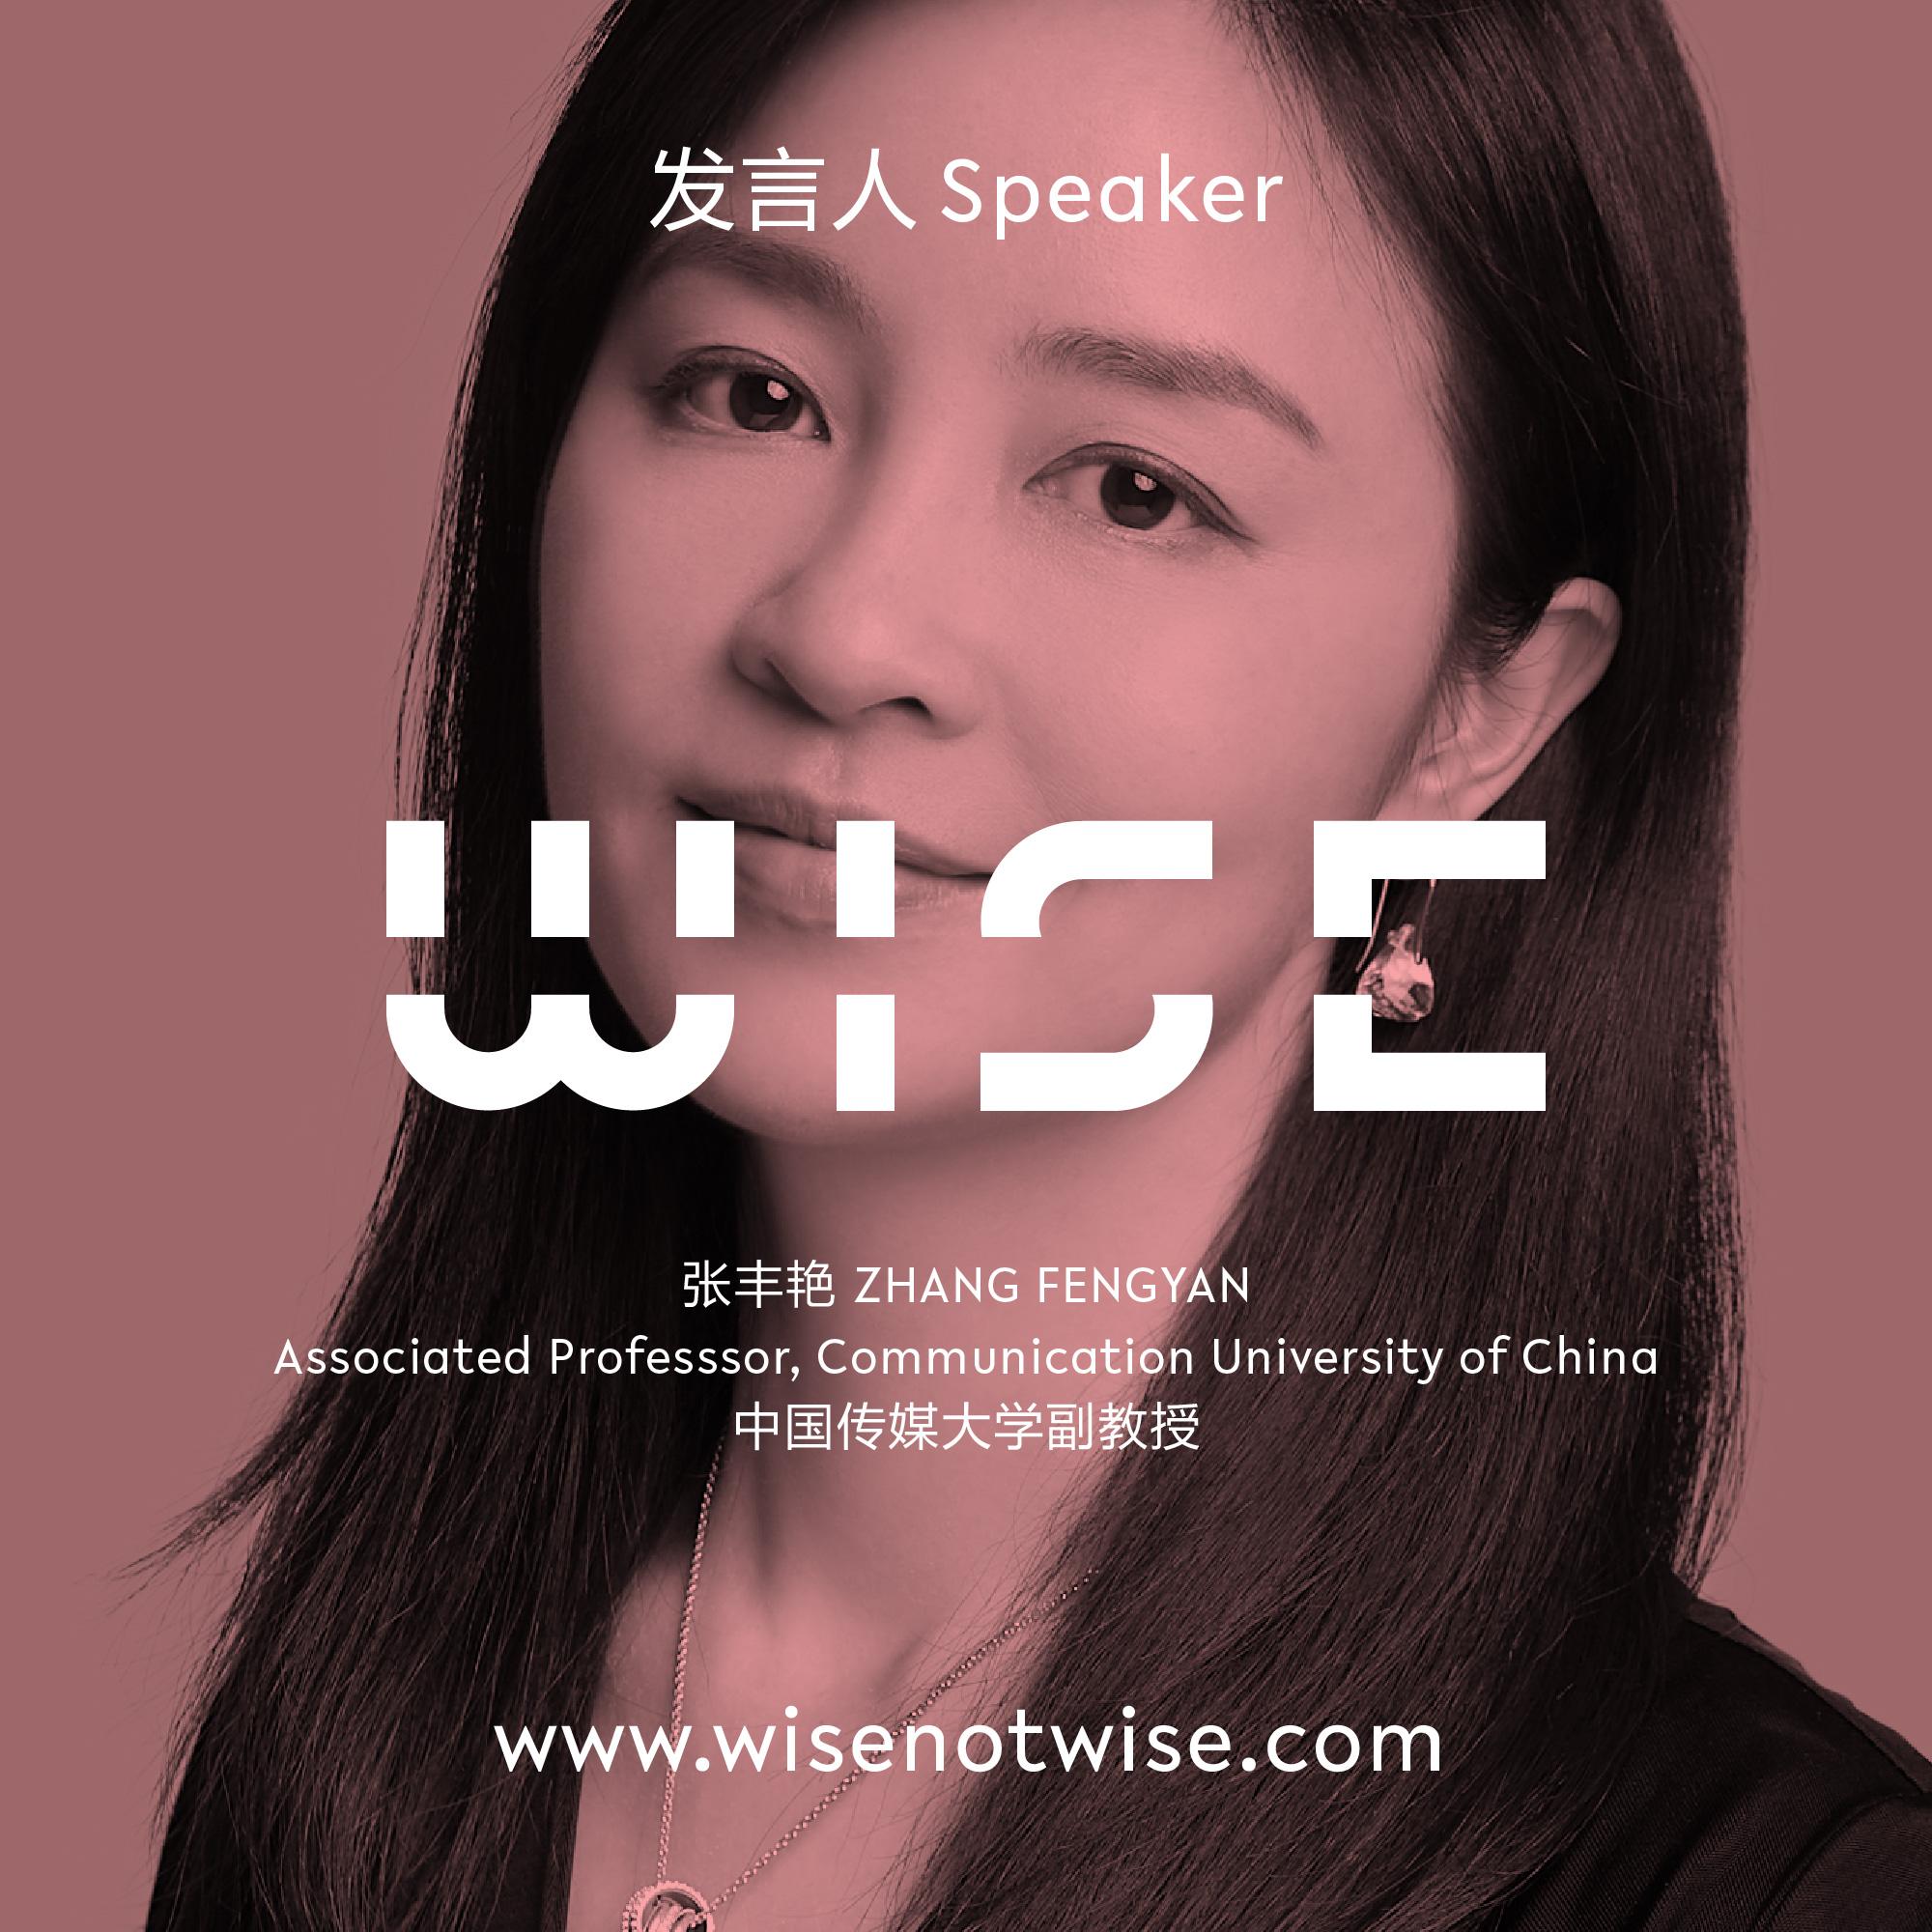 张丰艳,中国传媒大学副教授